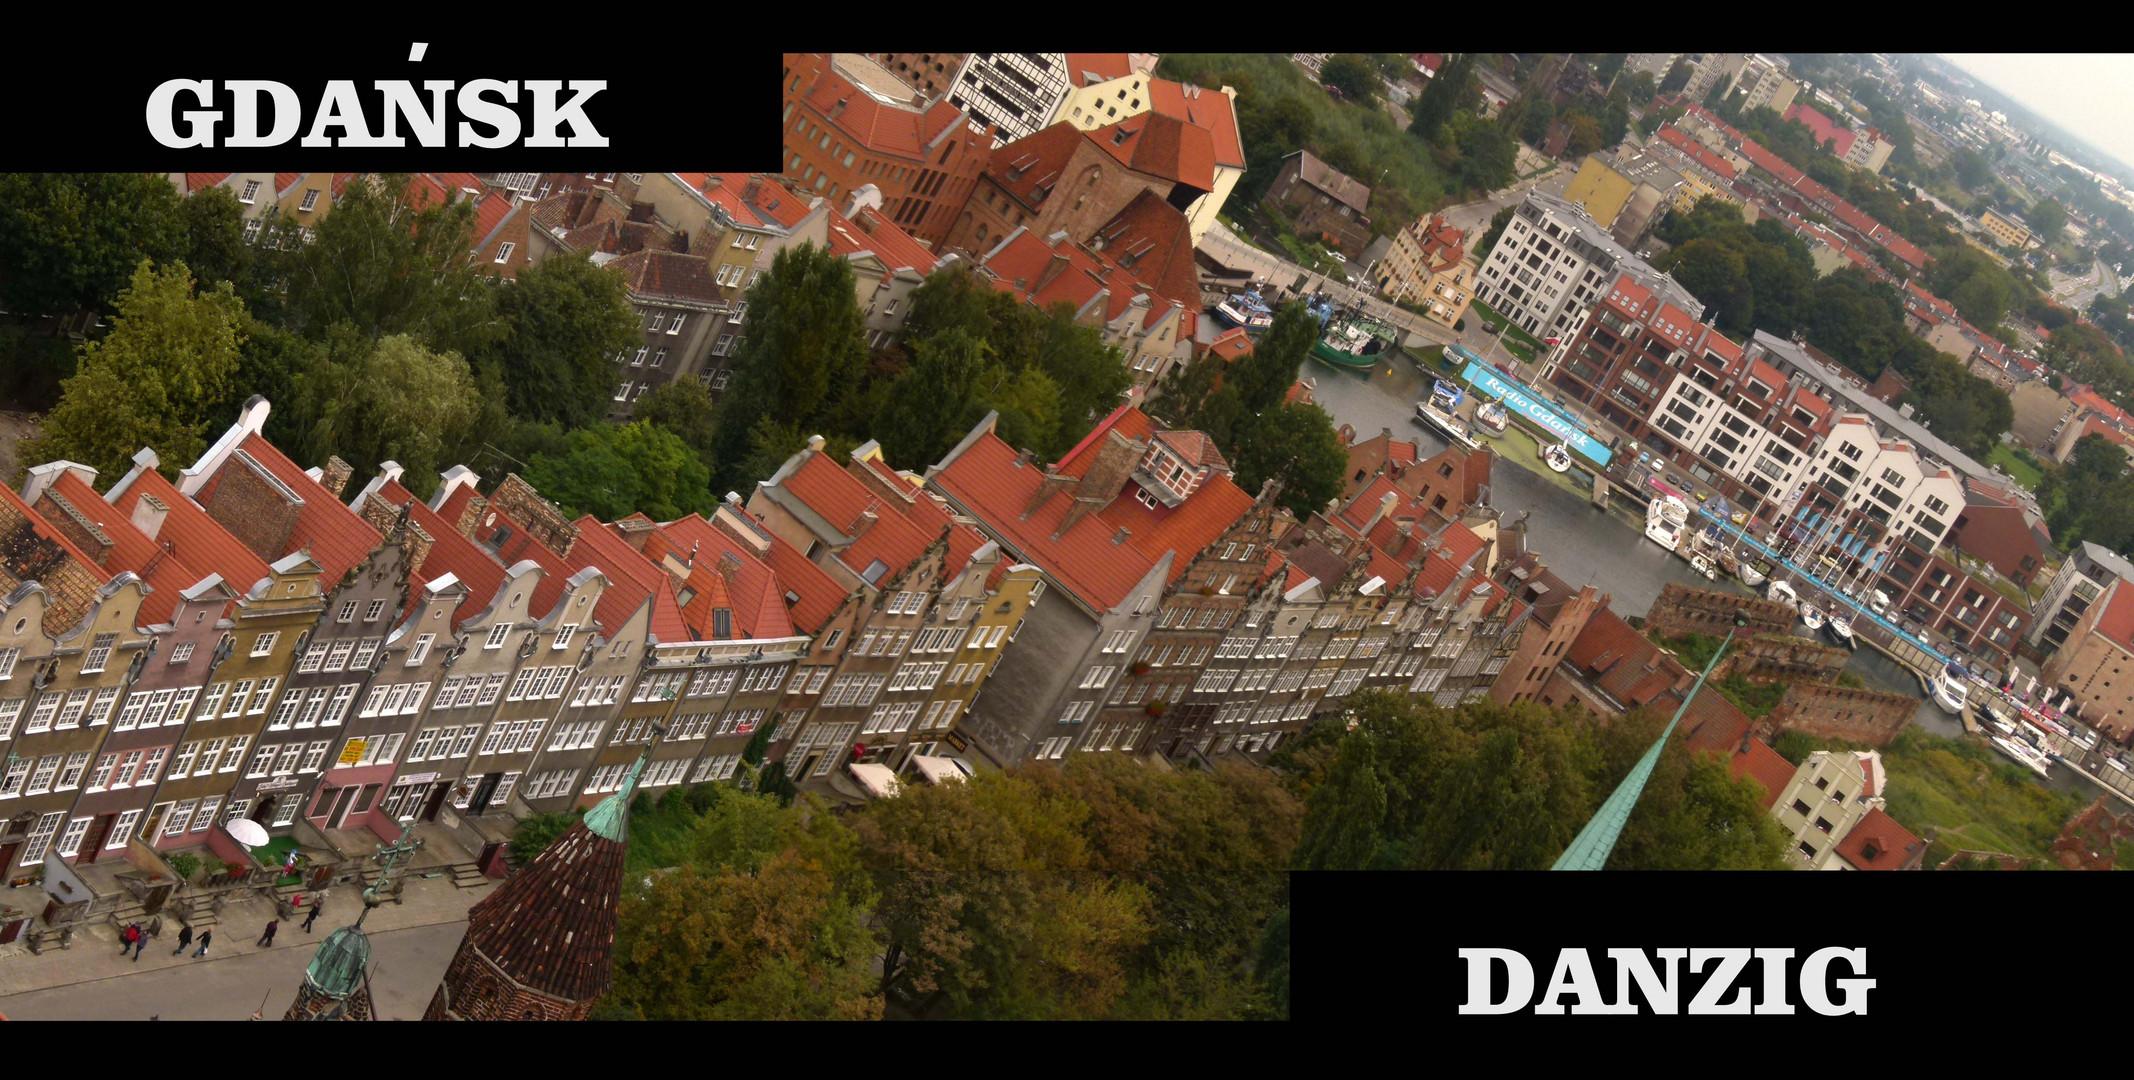 Gdansk Danzig